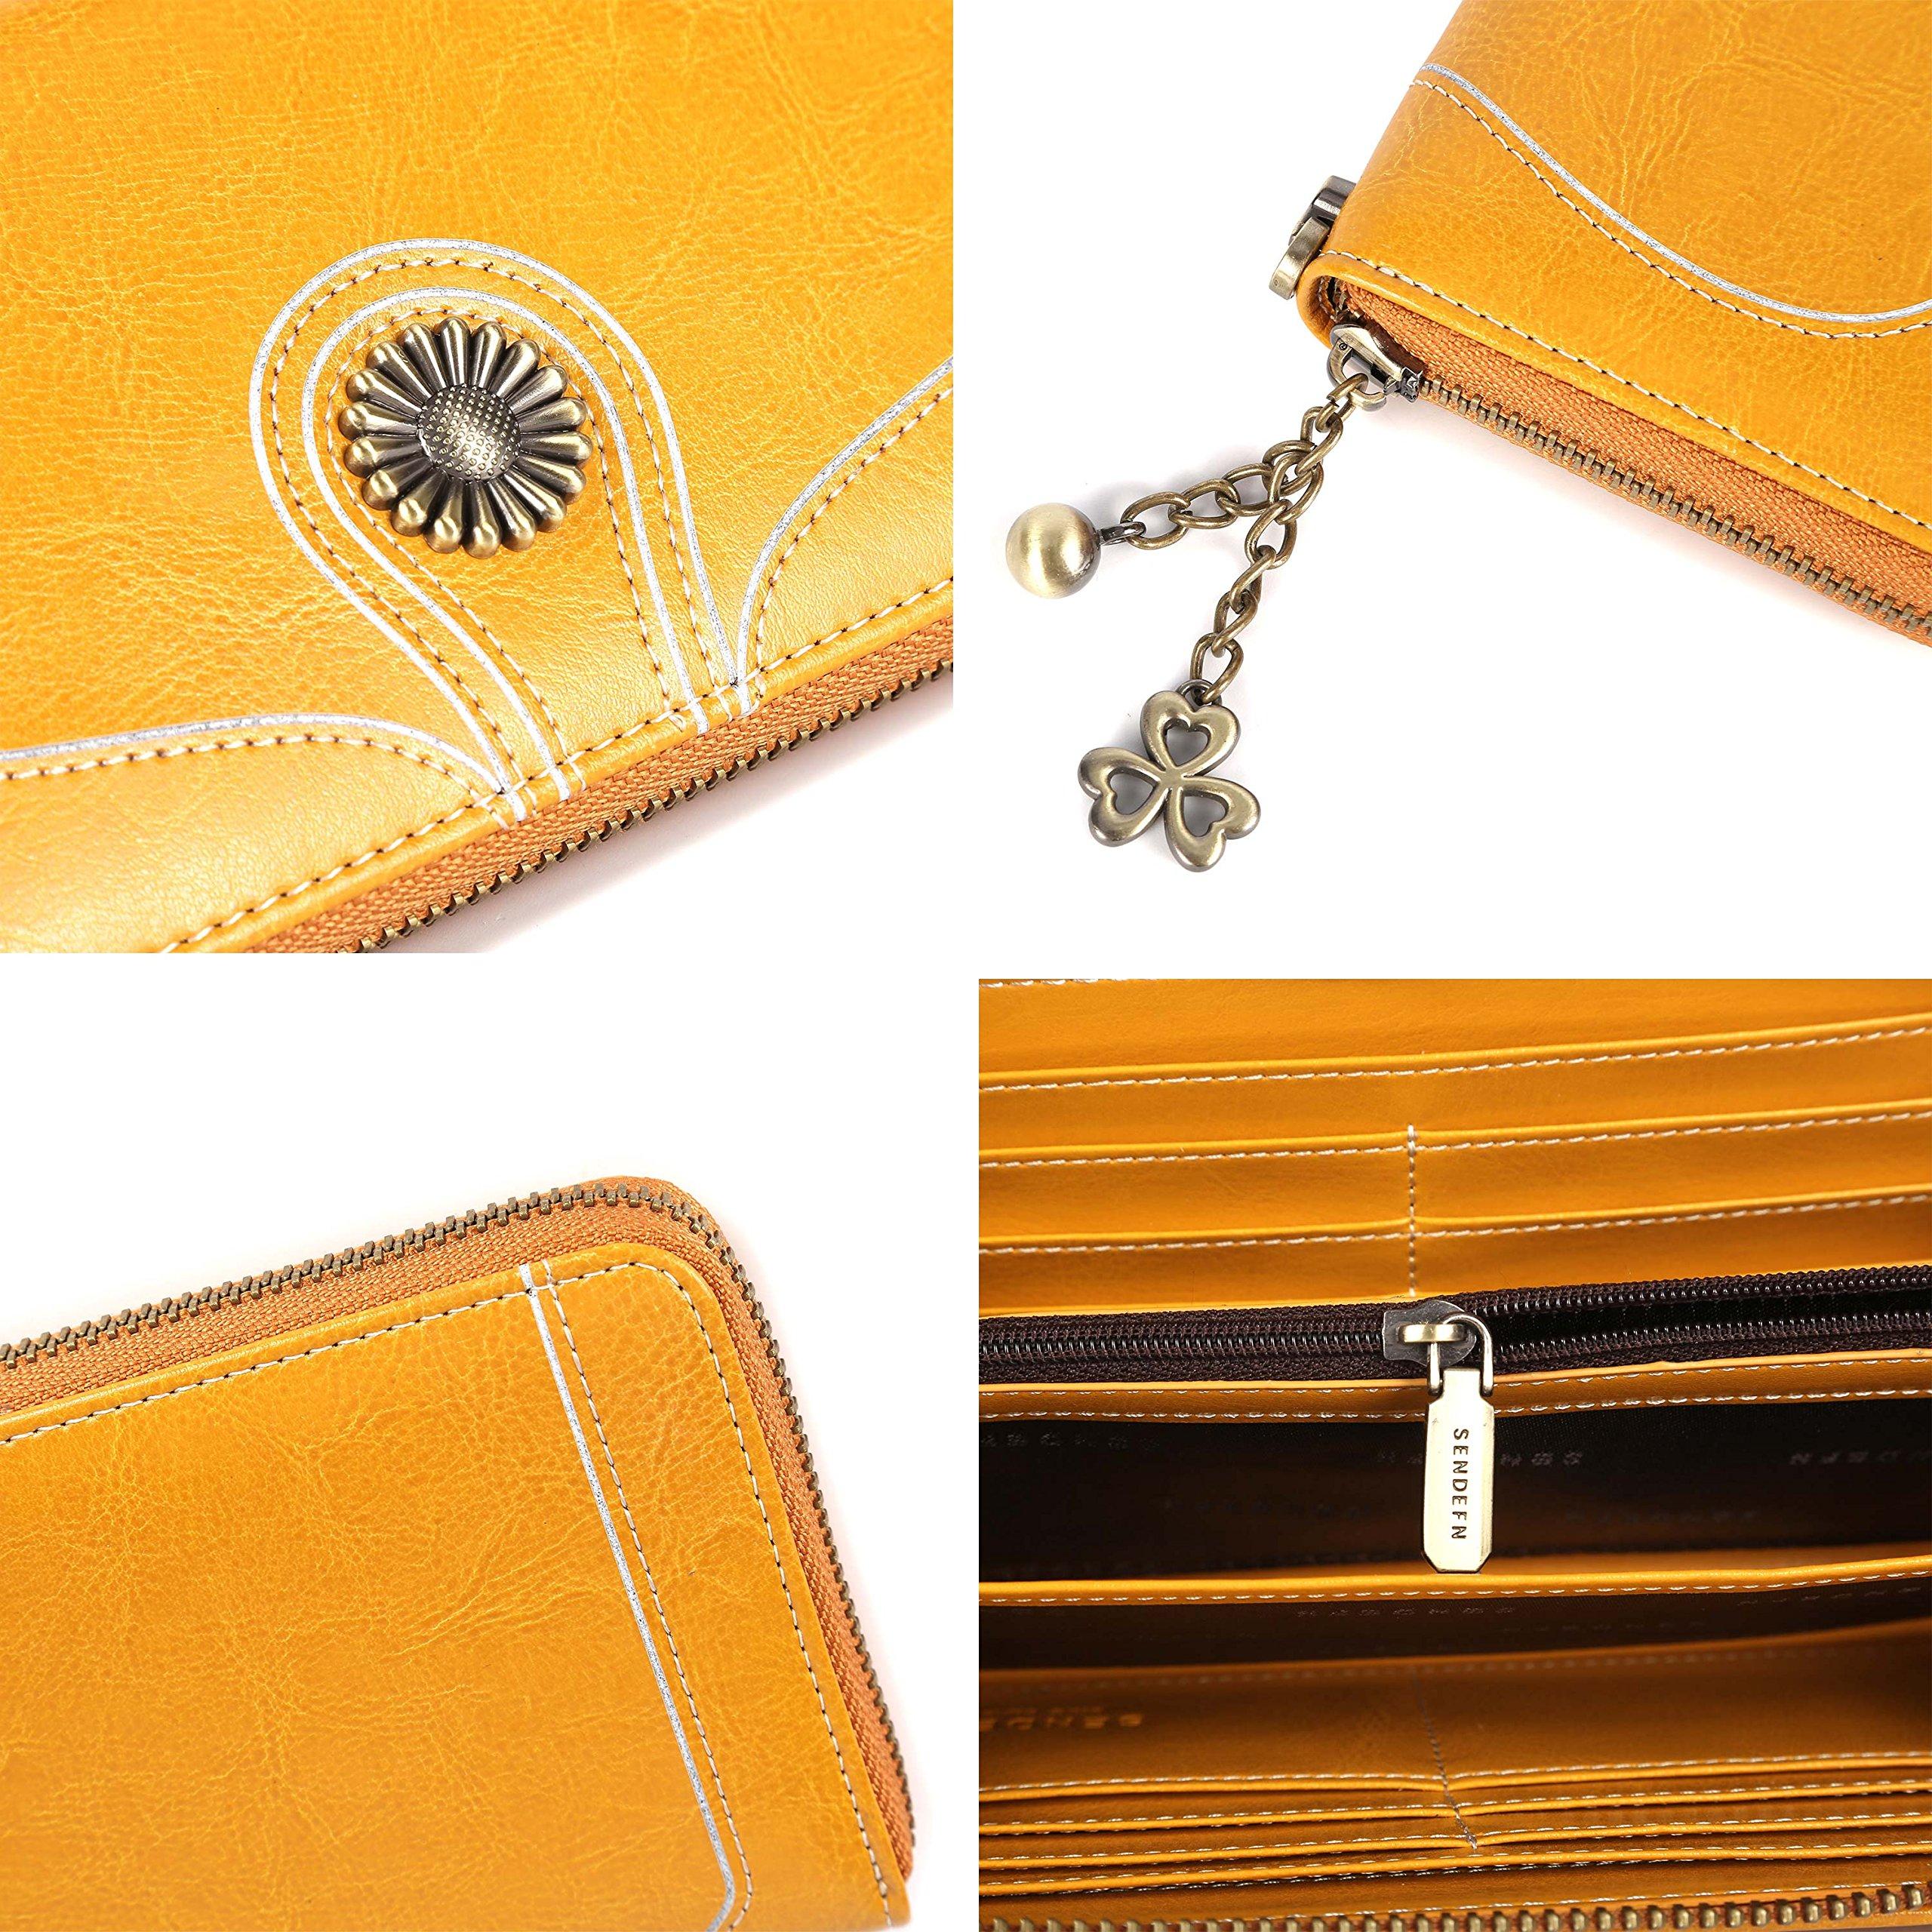 Carteras de Cuero Genuino Monedero/Billetera para mujeres RFID Bloqueo Cera de Lujo Piel Con cremallera, gran capacidad Bolso de la señora-Amarillo